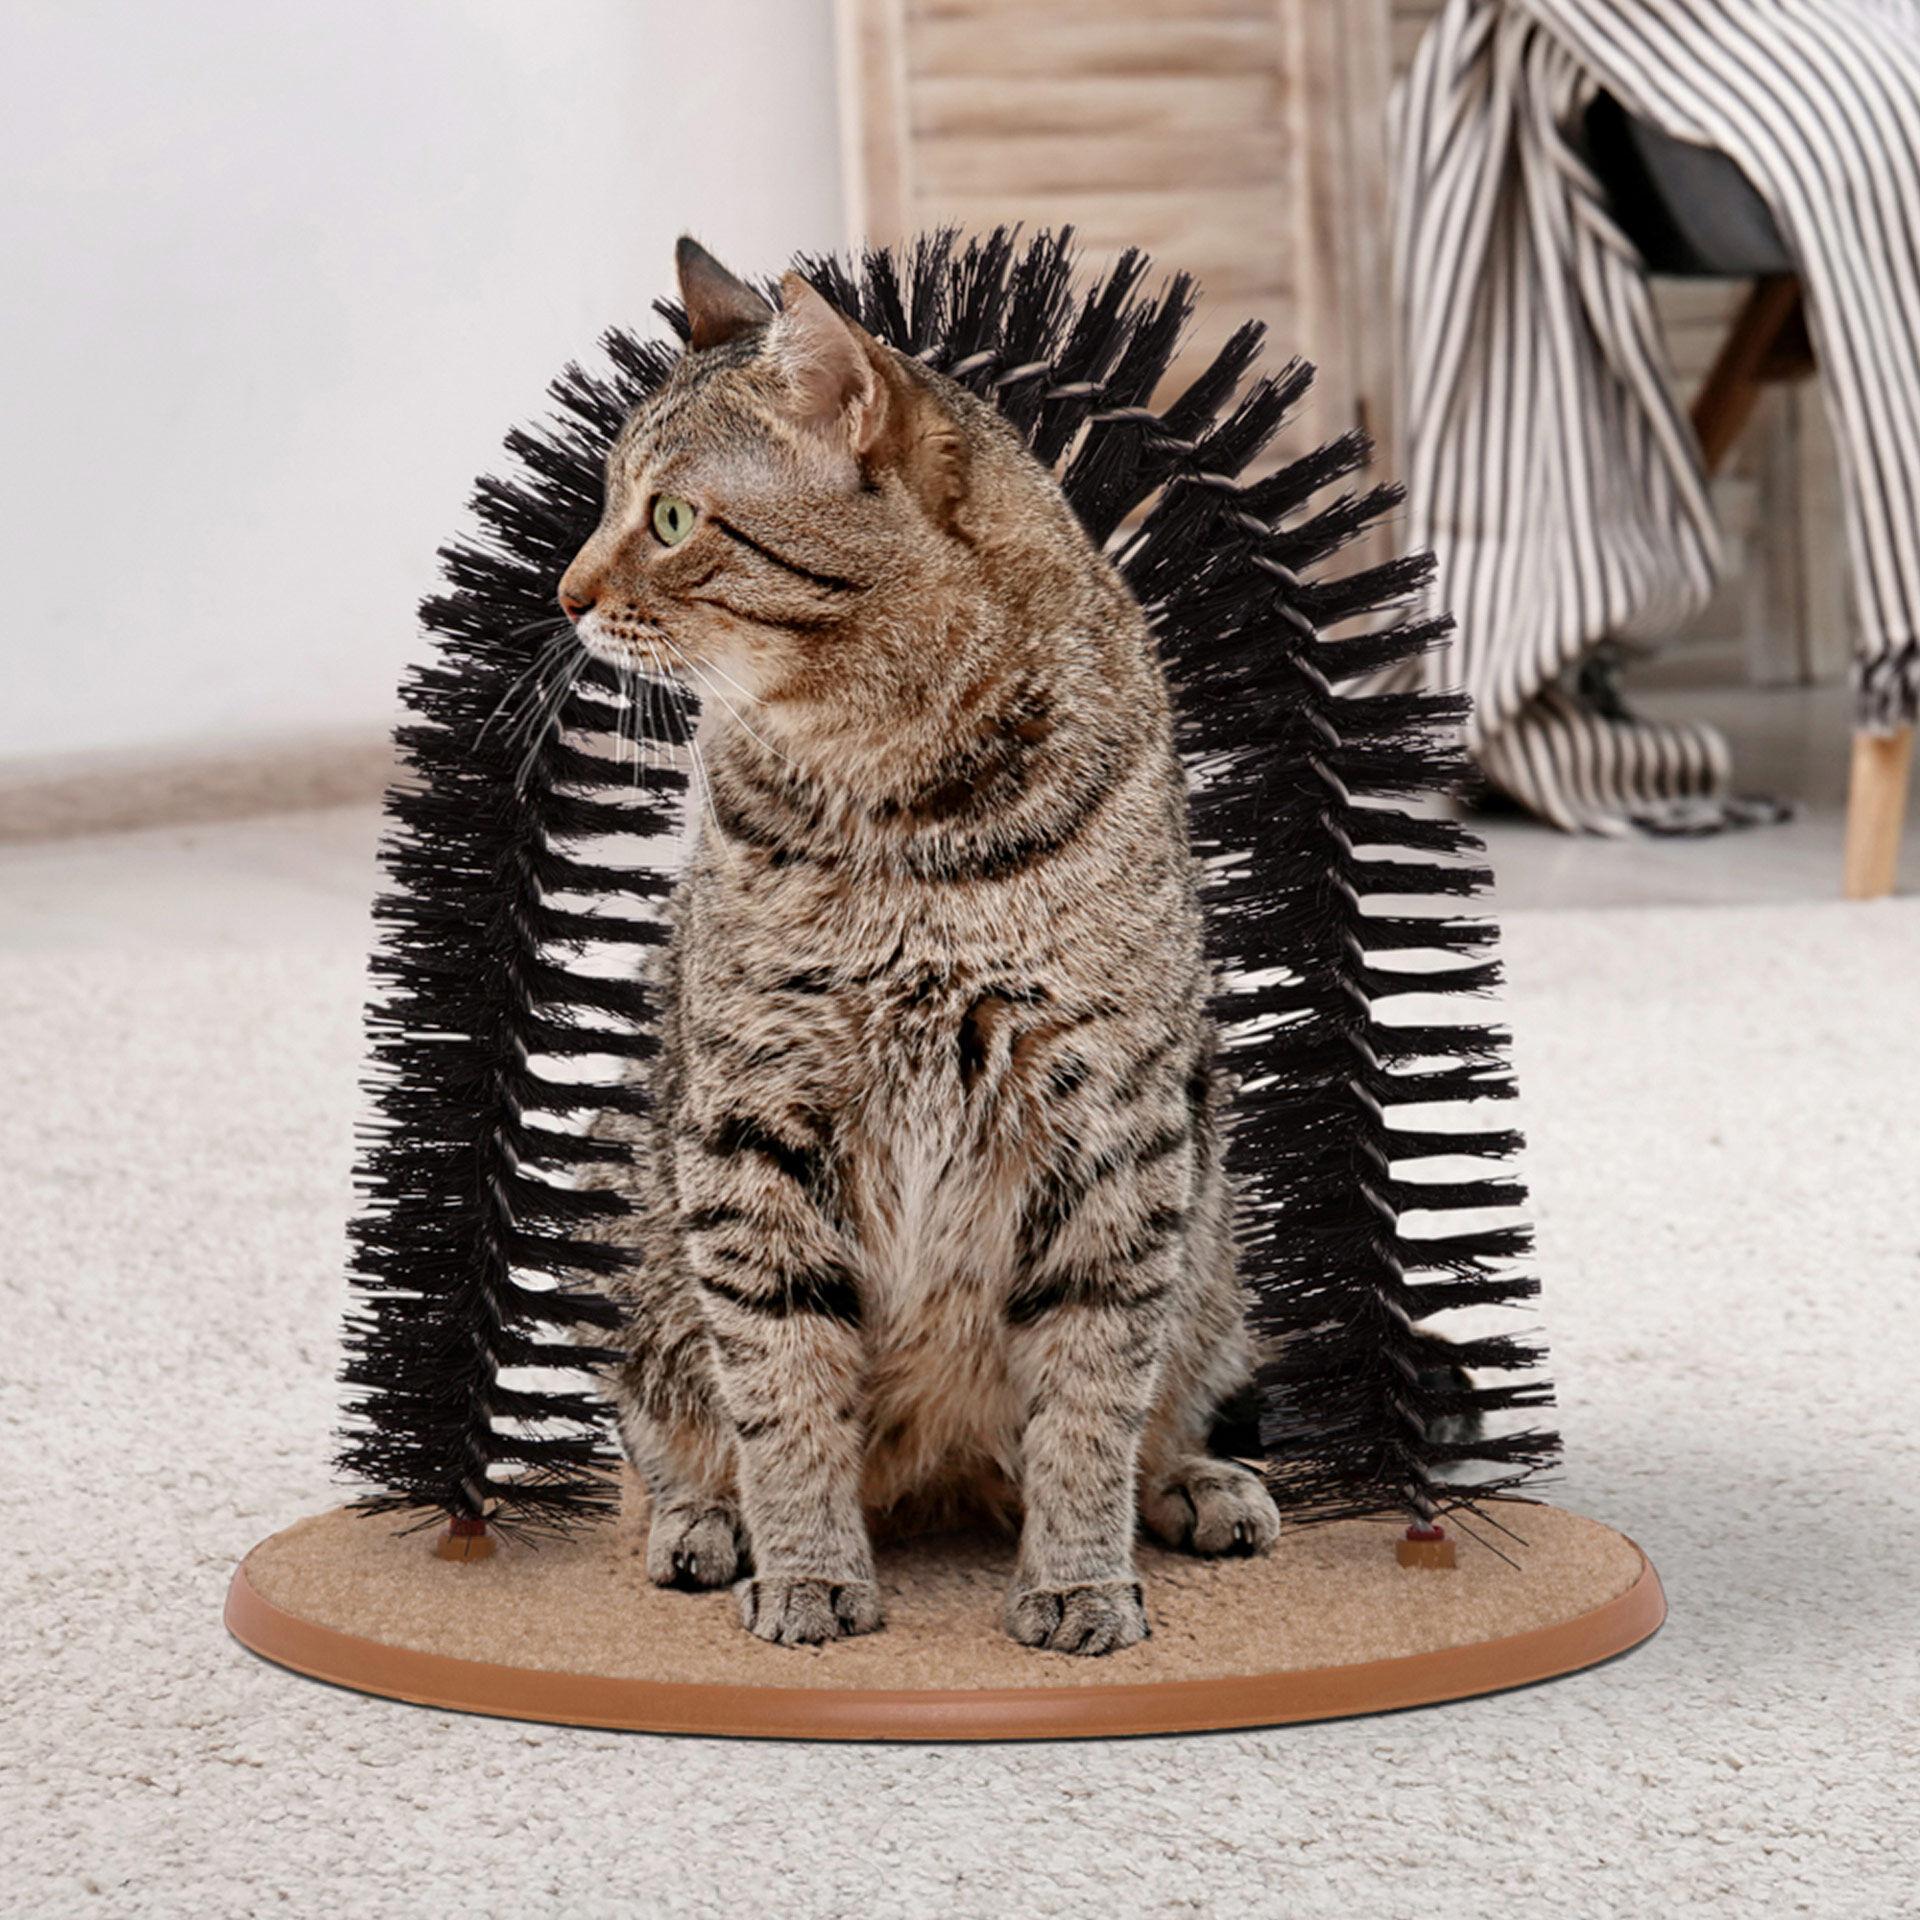 Jeu de brosse et griffoir pour chat, , large